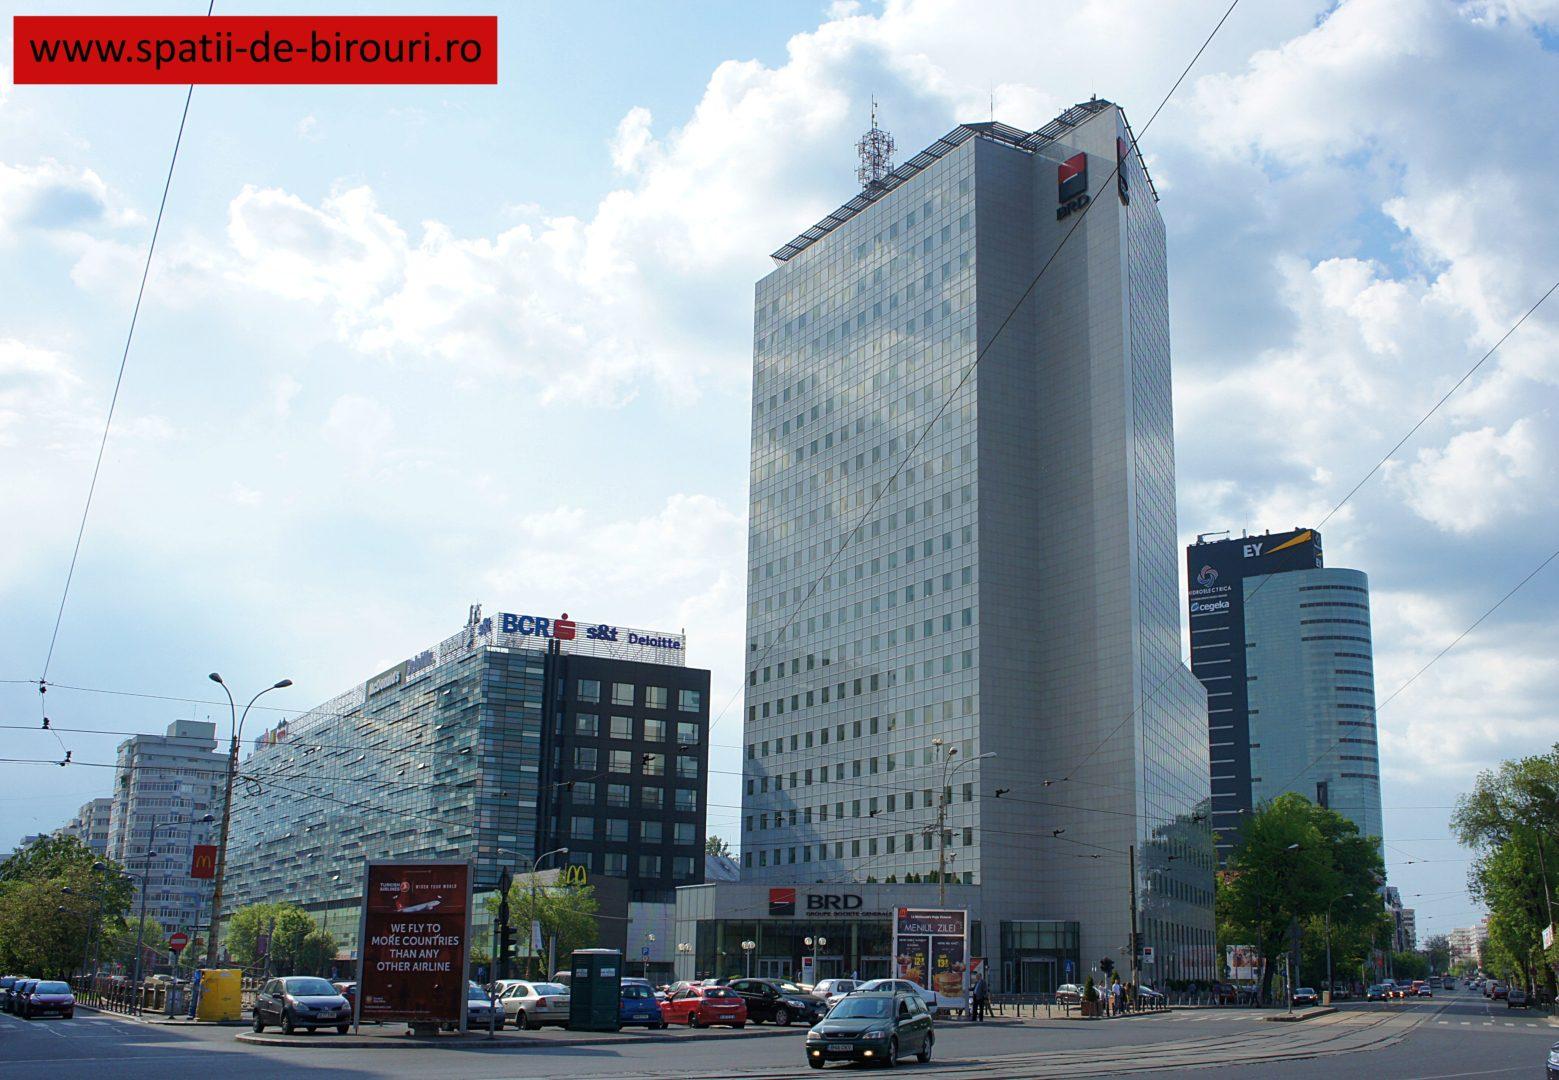 Centru de afaceri din Braşov, în impas